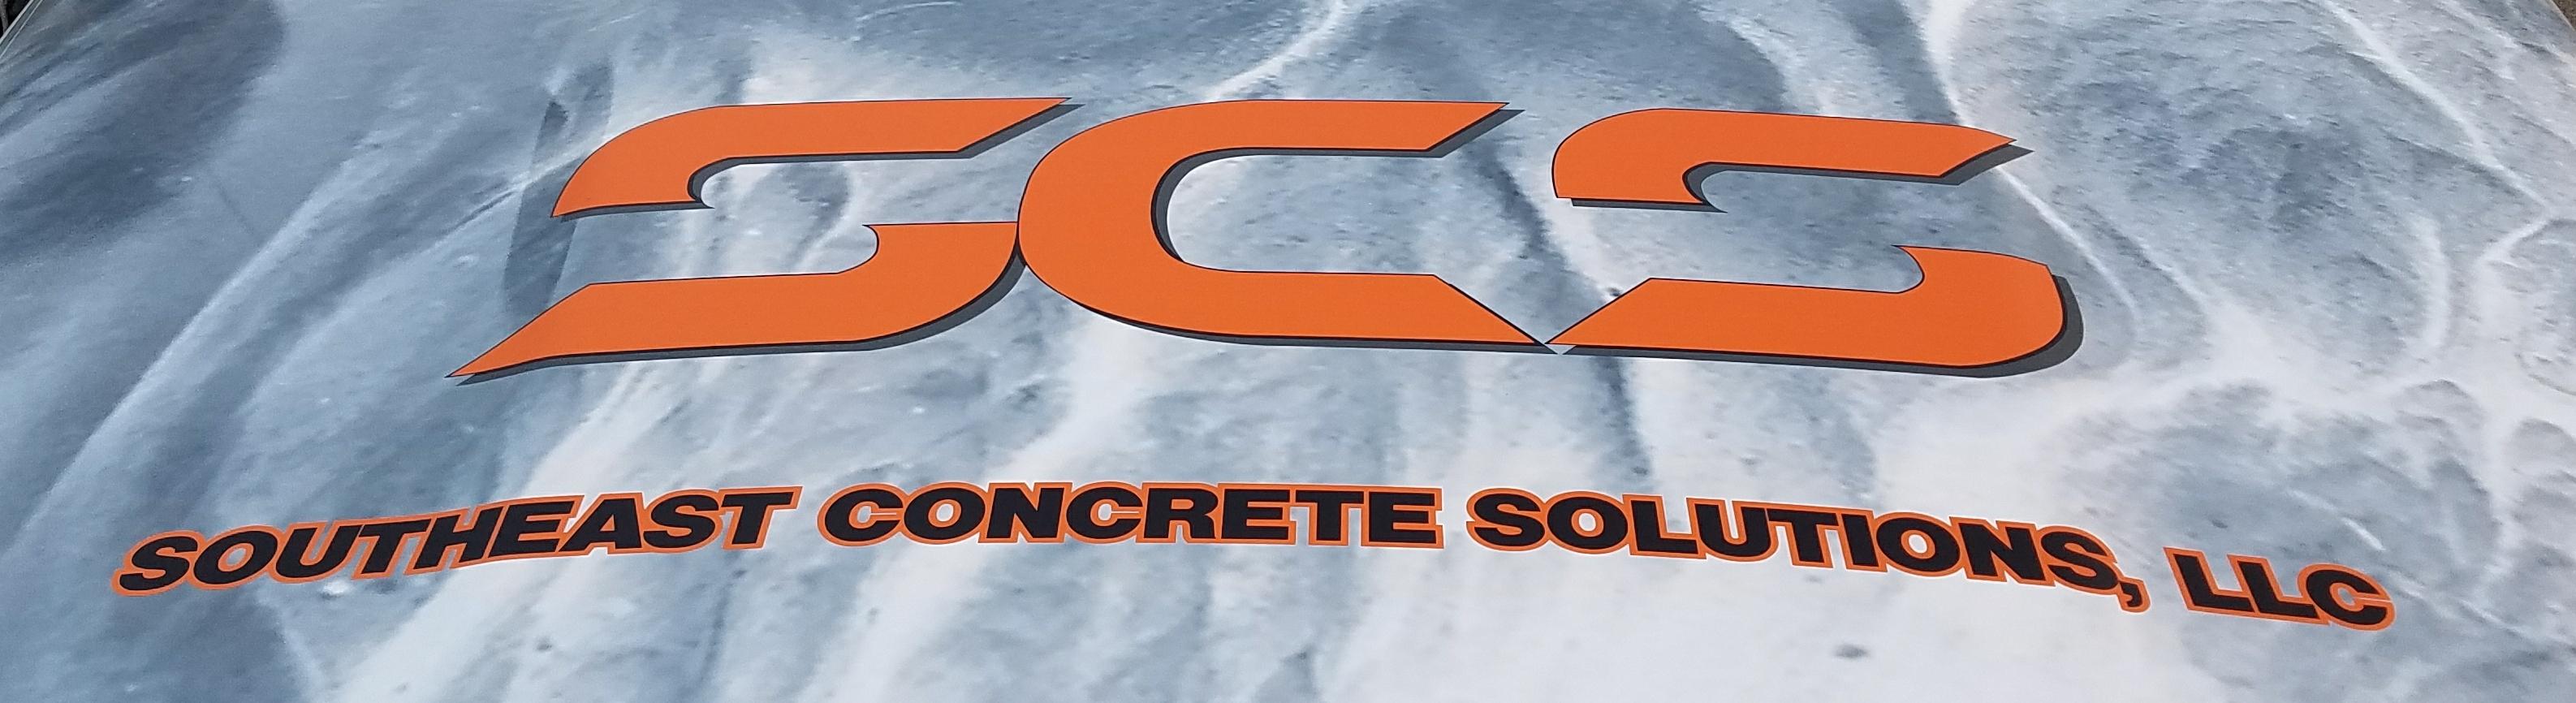 Southeast Concrete Solutions, LLC image 9